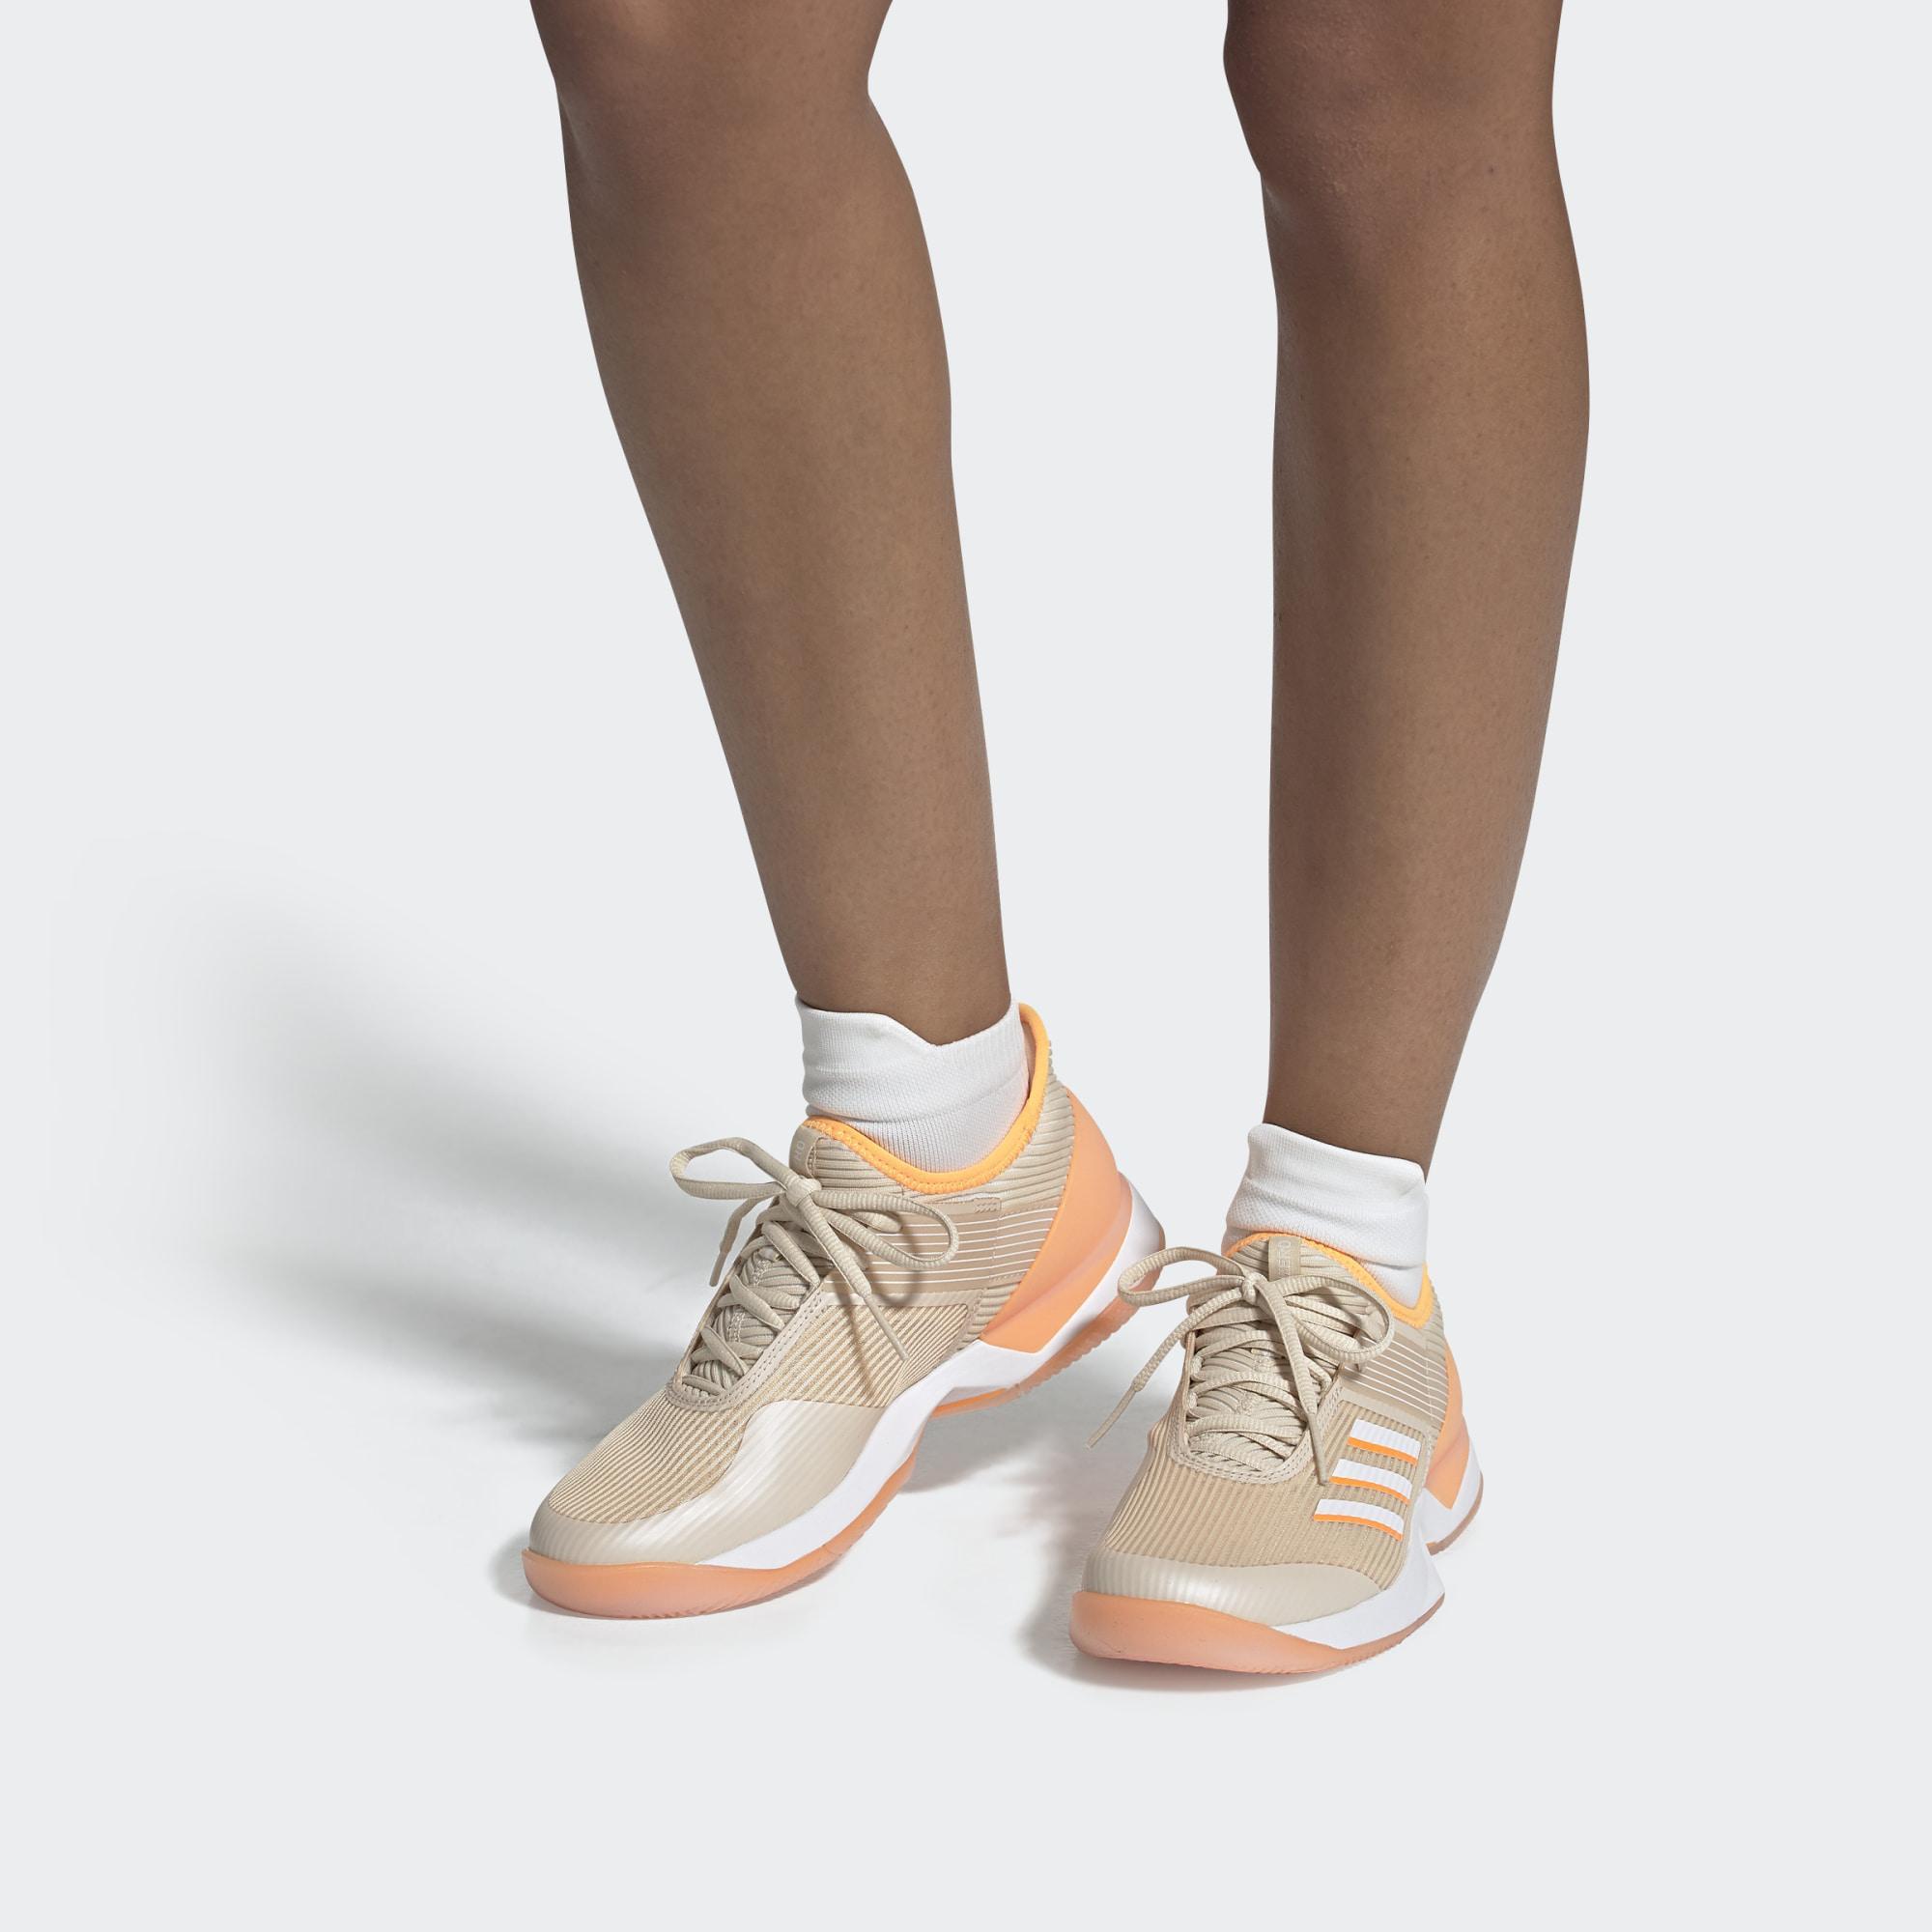 Zapatilla Adizero Ubersonic 3 adidas de color Blanco